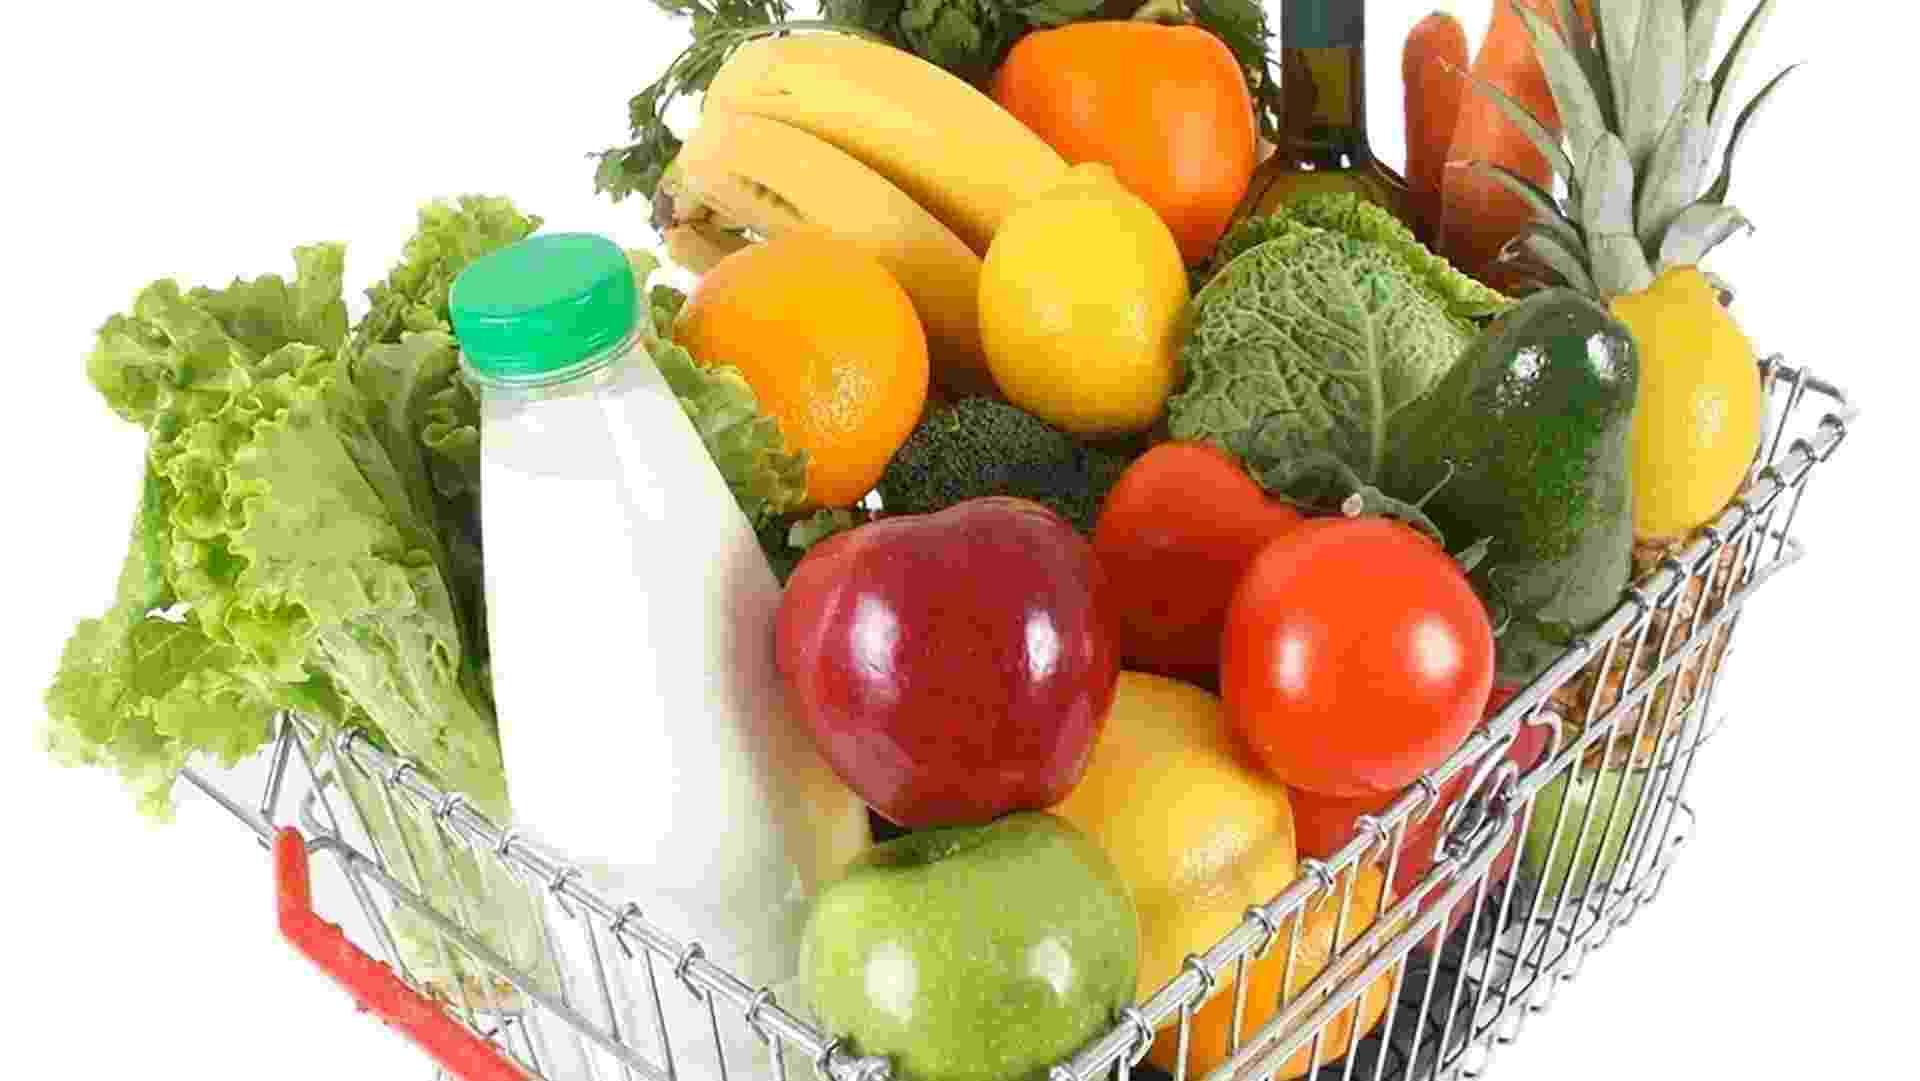 mídia indoor, economia, ciência e saúde, compra, comida, alimento, alimentação, fruta, verdura, legumes, cesta, supermercado, mercado, agricultura, preço, alta, pão, dieta, boa forma, nutrição, fresco, orgânico, mantimento, saudável, leite, produto - Shutterstock